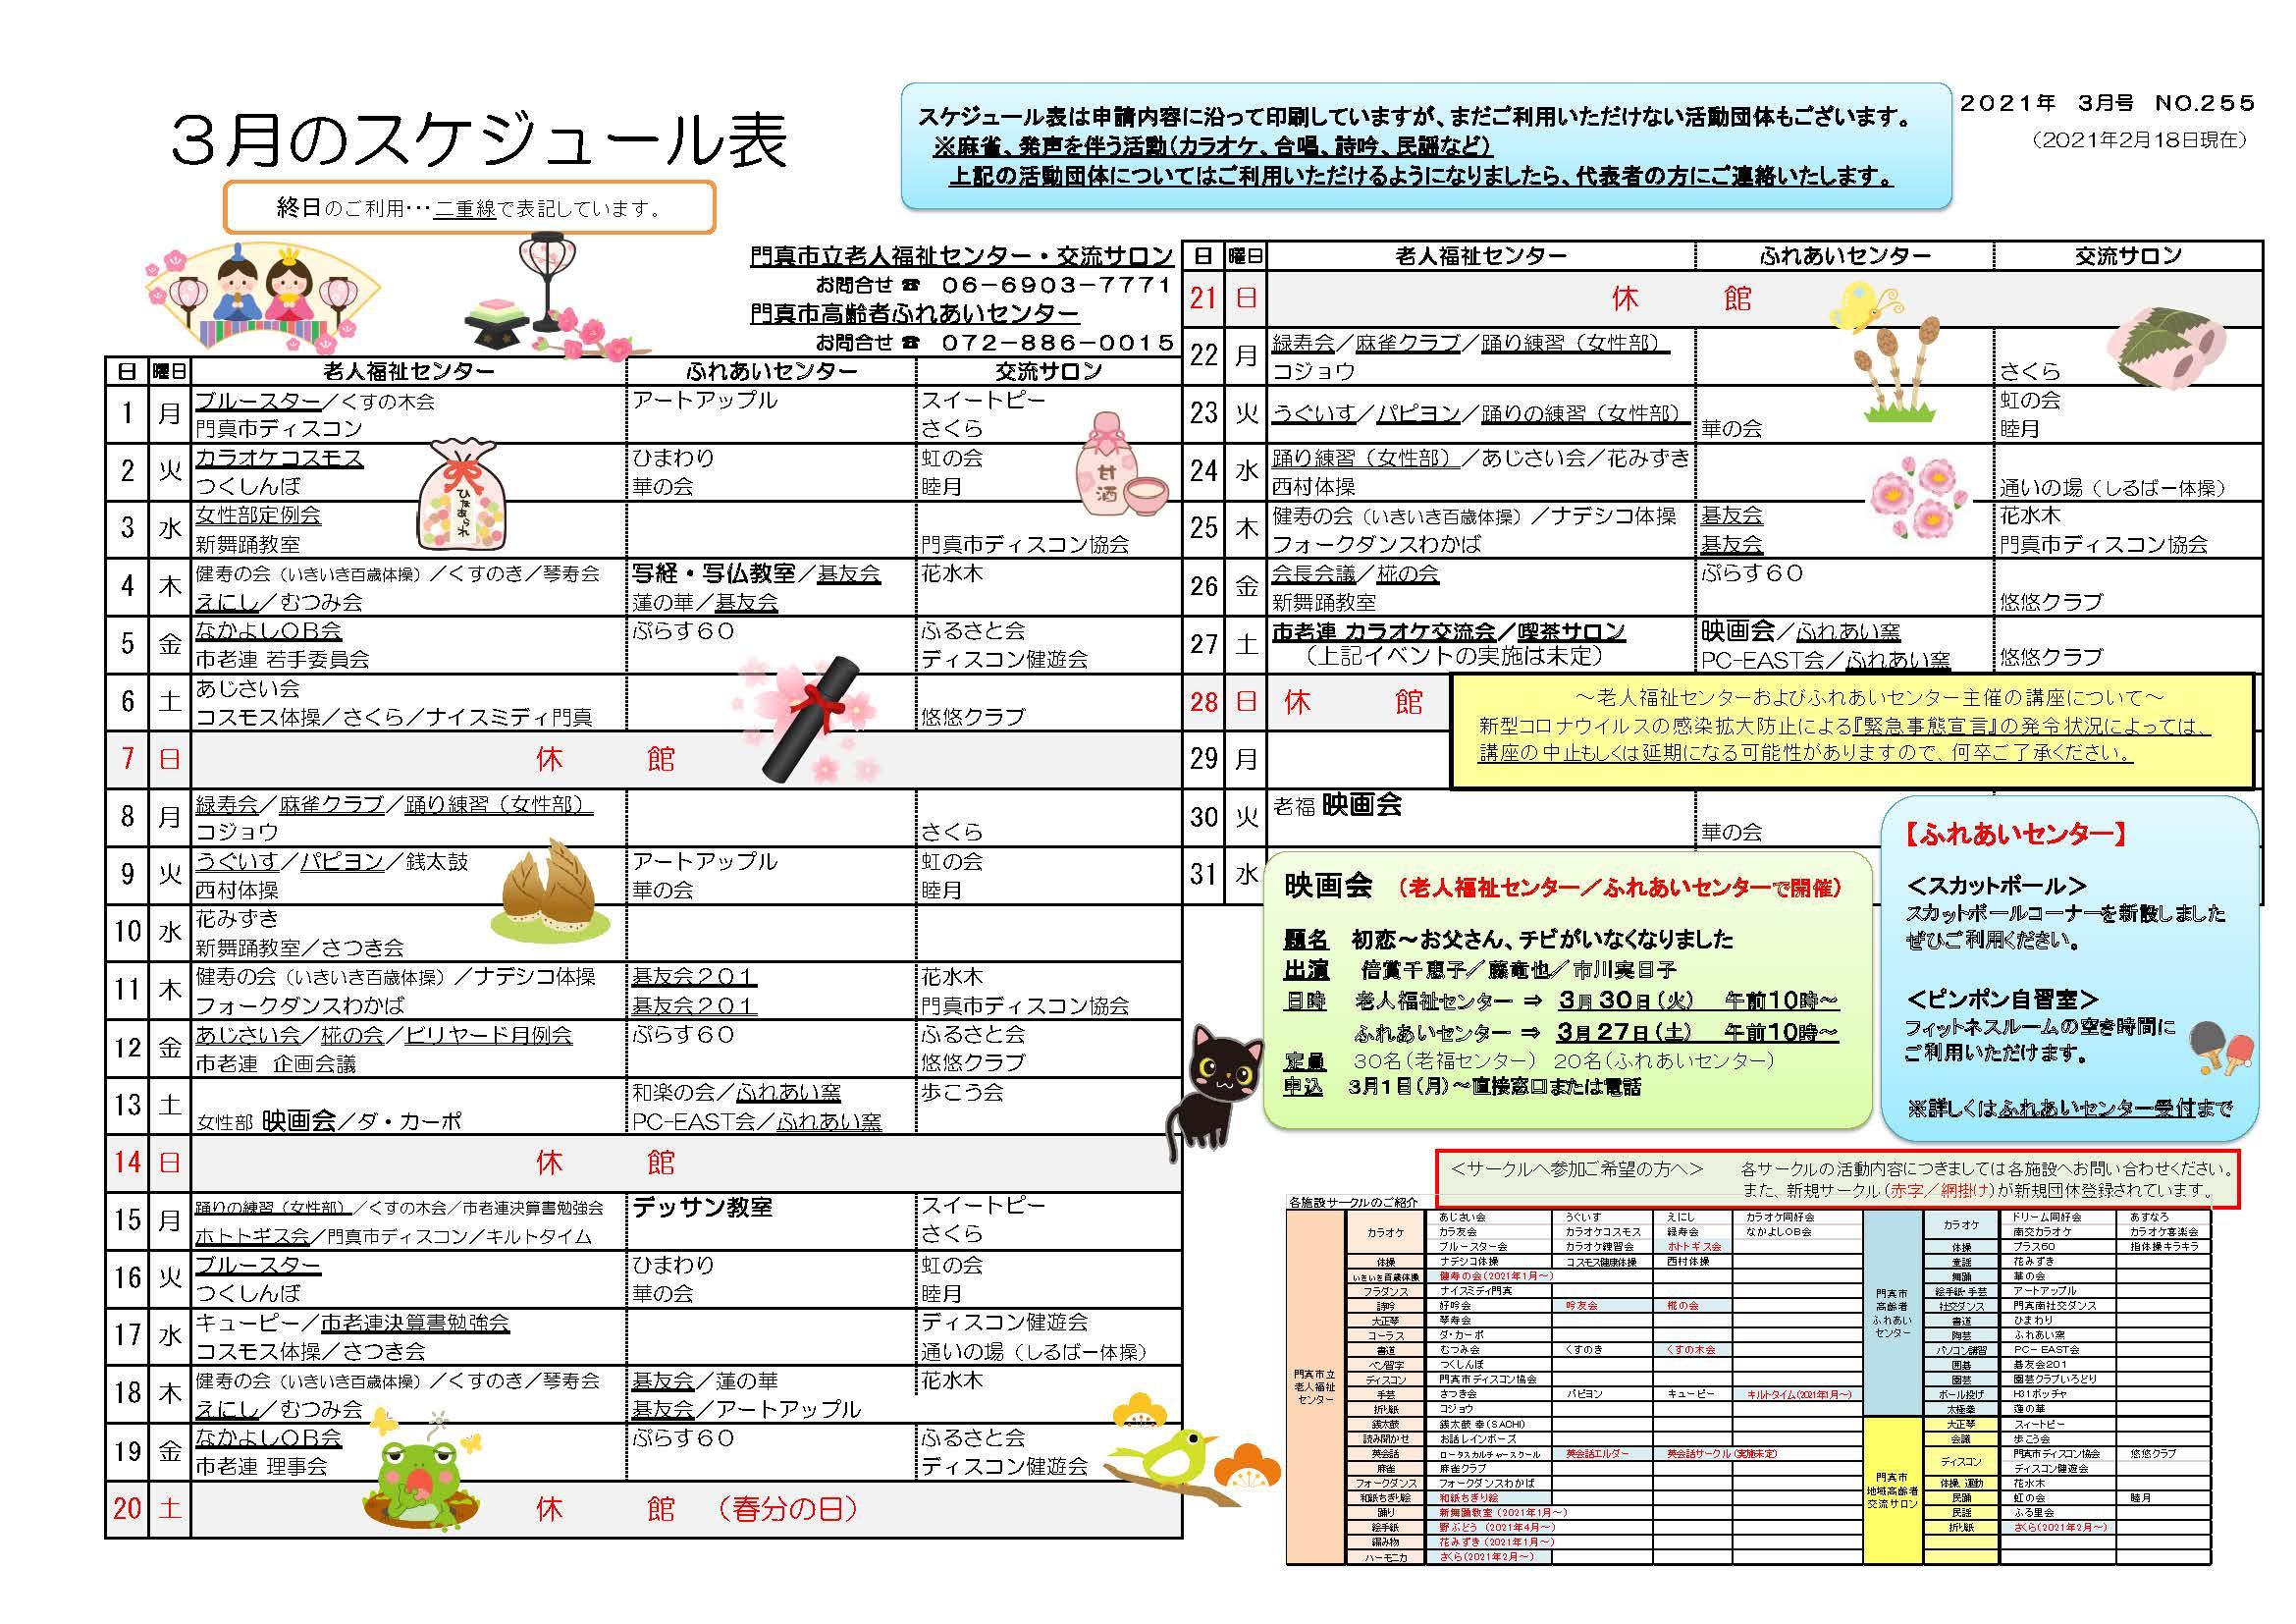 202103スケジュール表